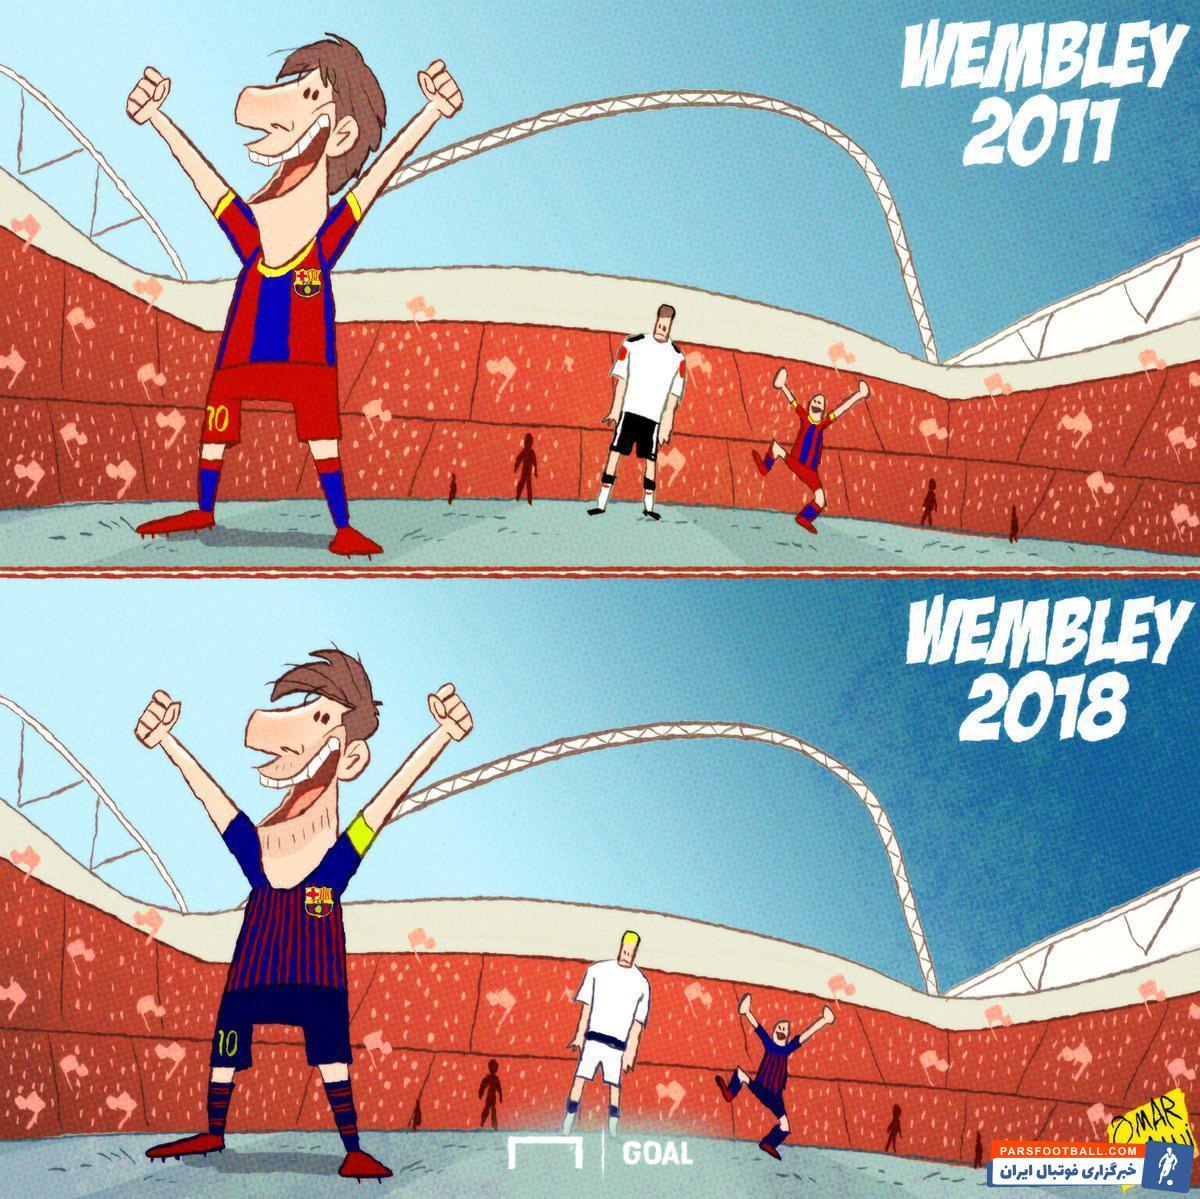 بارسلونا موفق شد تا با درخشش مسی از سد تاتنهام بگذرد موفقیت های مداوم لیونل مسی در ورزشگاه ومبلی، سوژه جدیدترین کاریکاتور عمر مومنی بوده است.